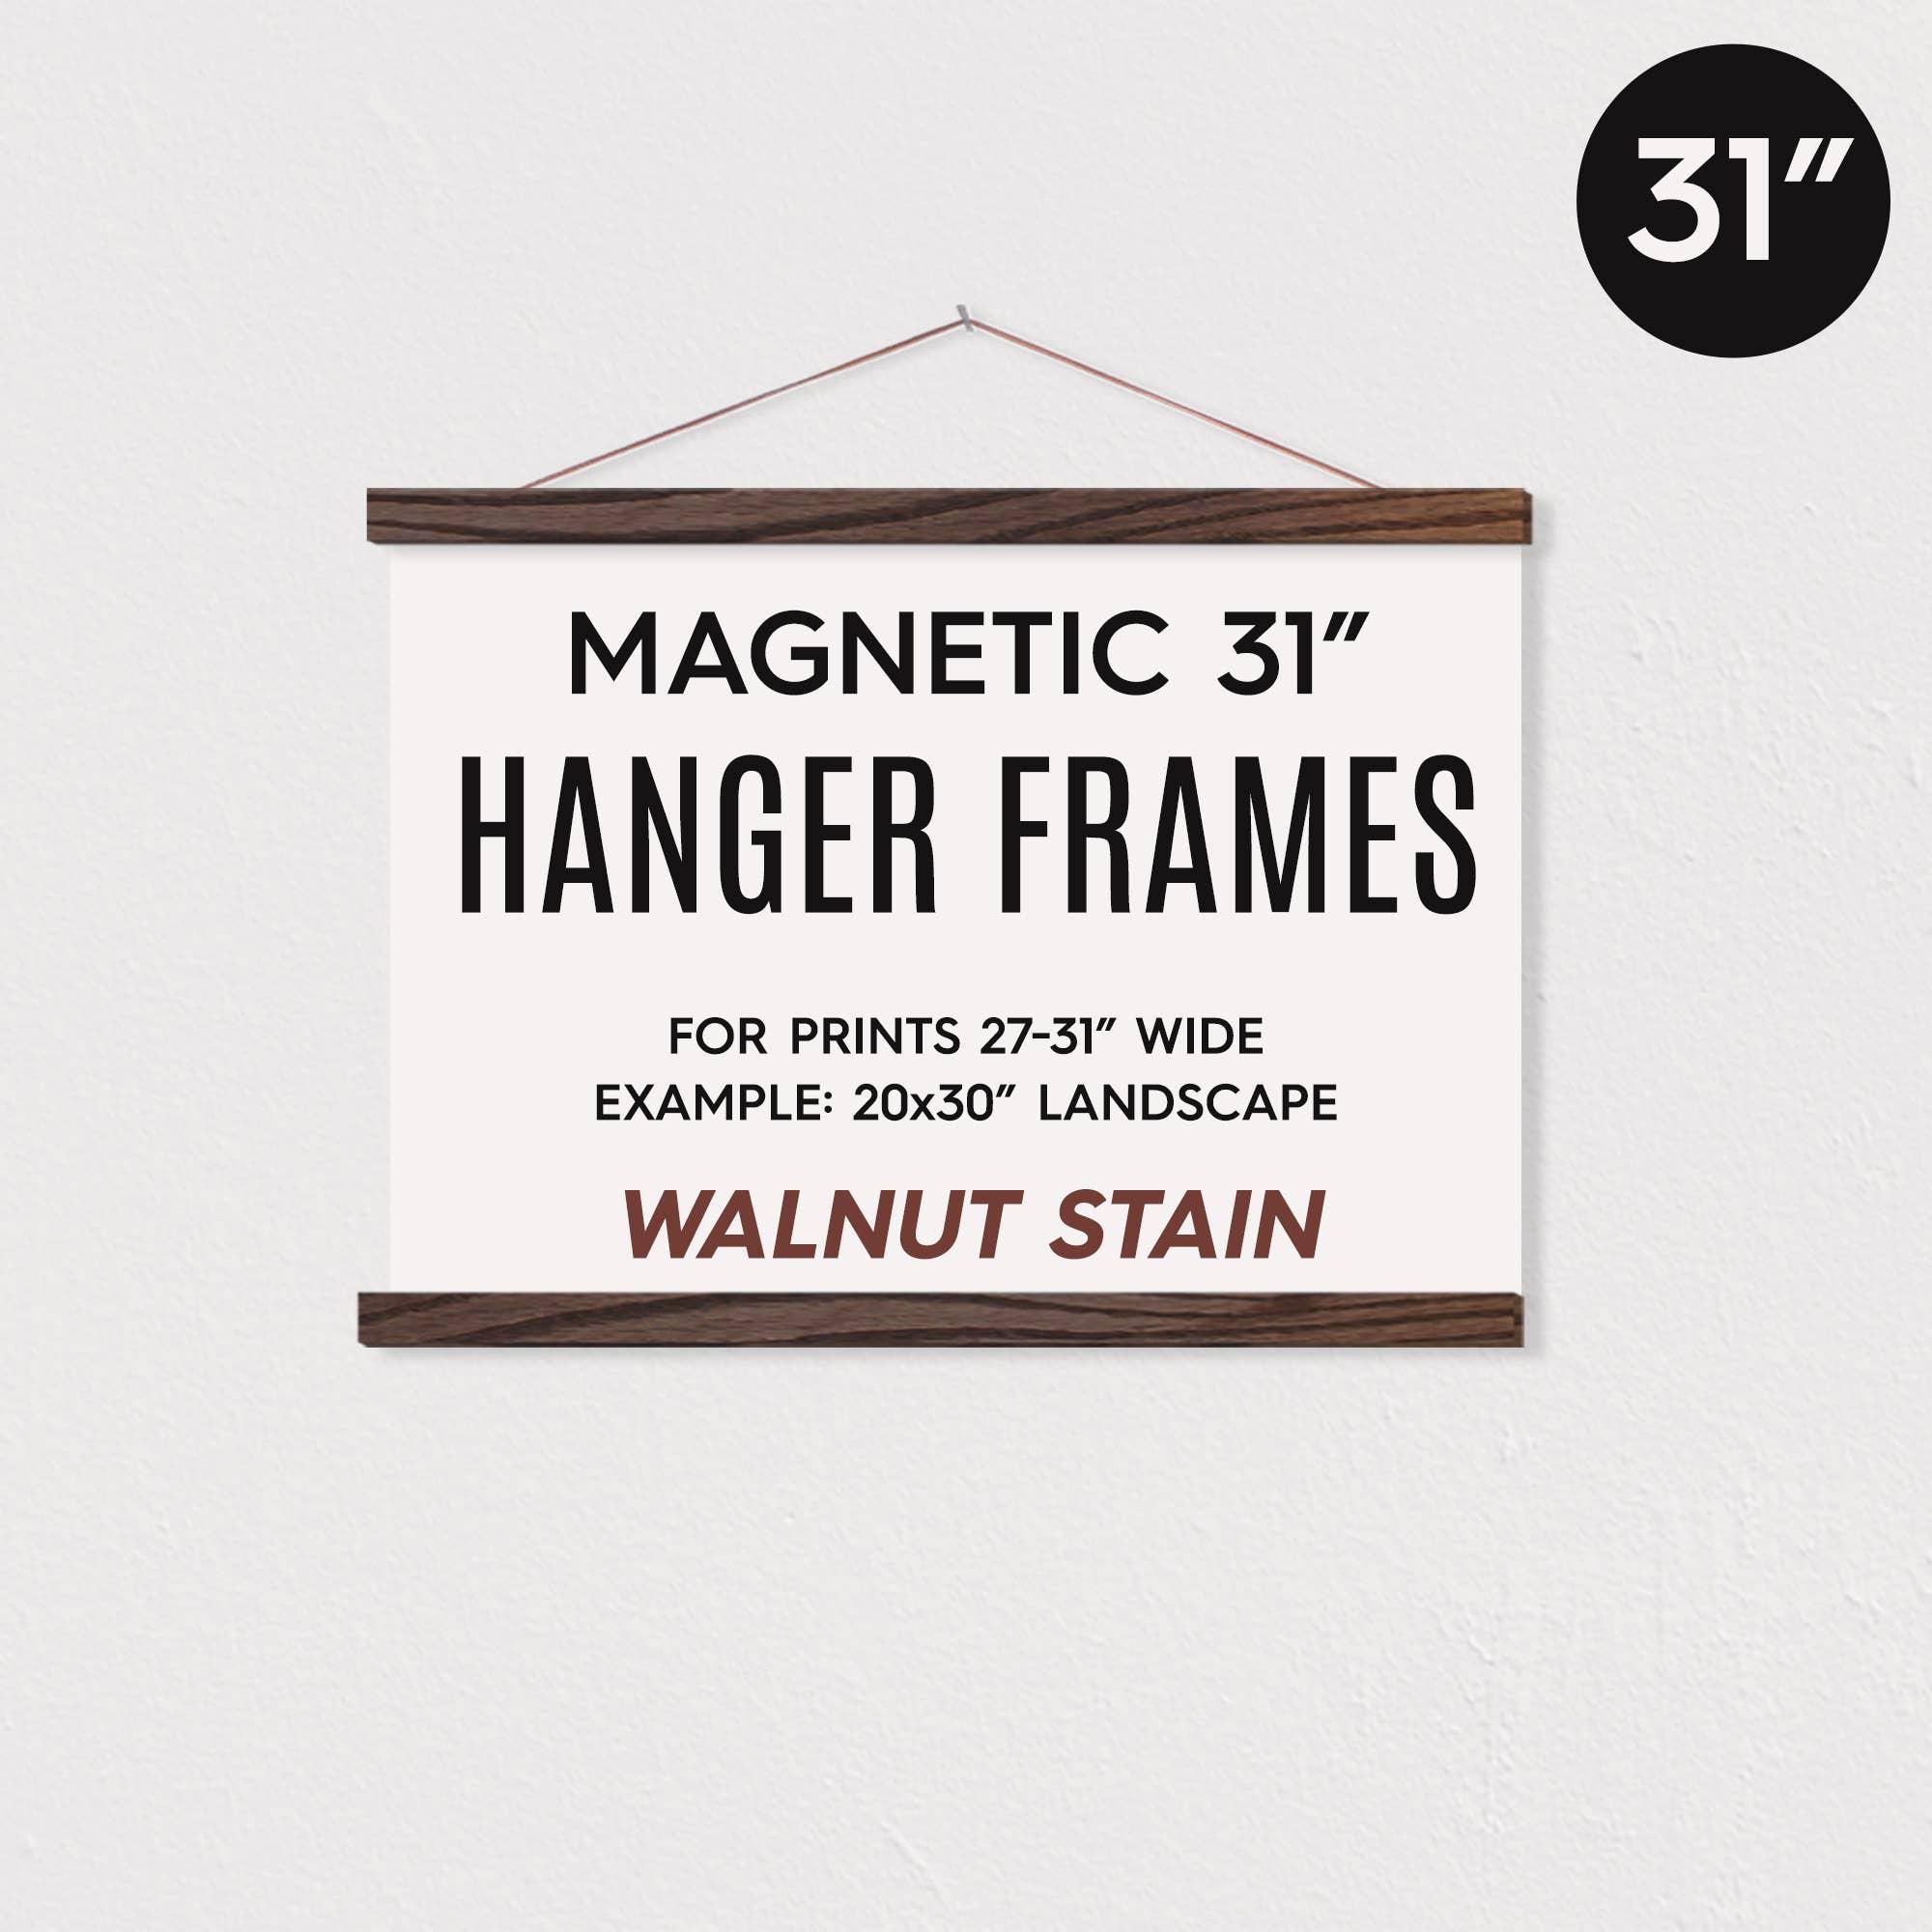 """31"""" MAGNETIC Poster Hanger Frame for 20x30"""" Landscape Prints   Trada Marketplace"""